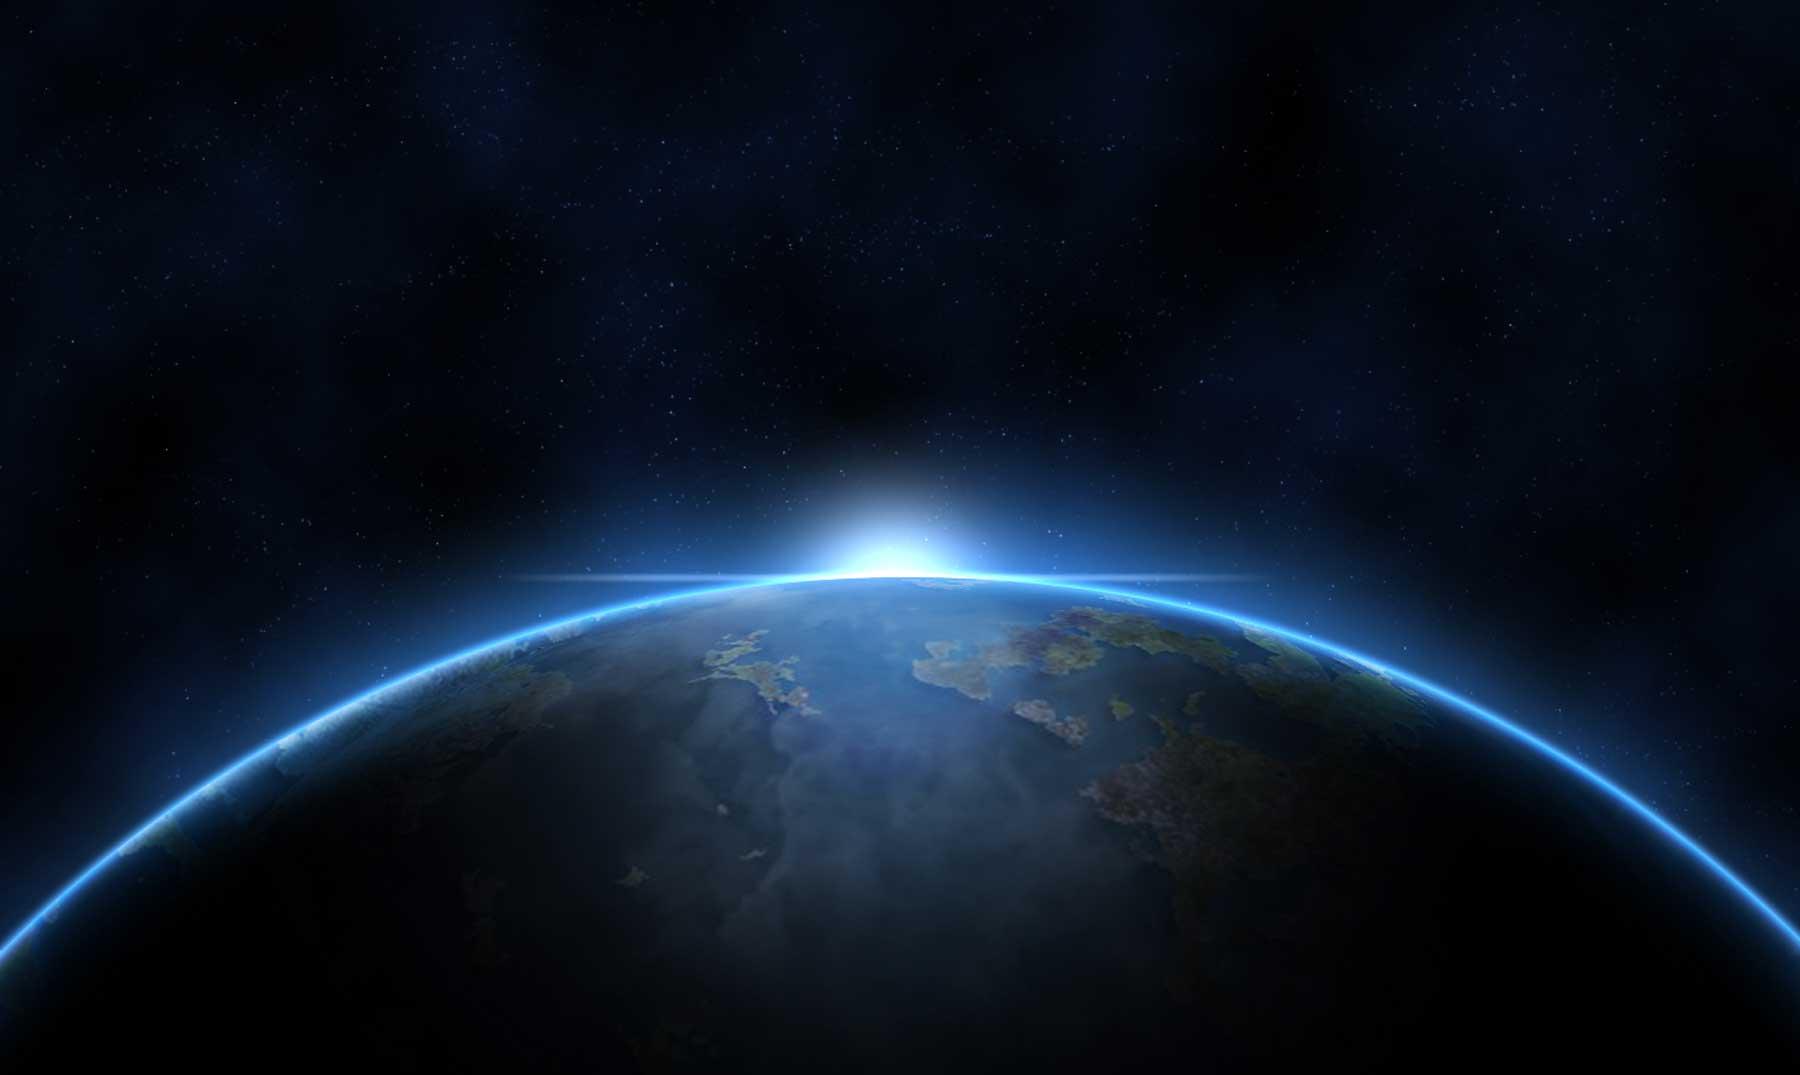 El planeta en el que solo viviríamos para trabajar